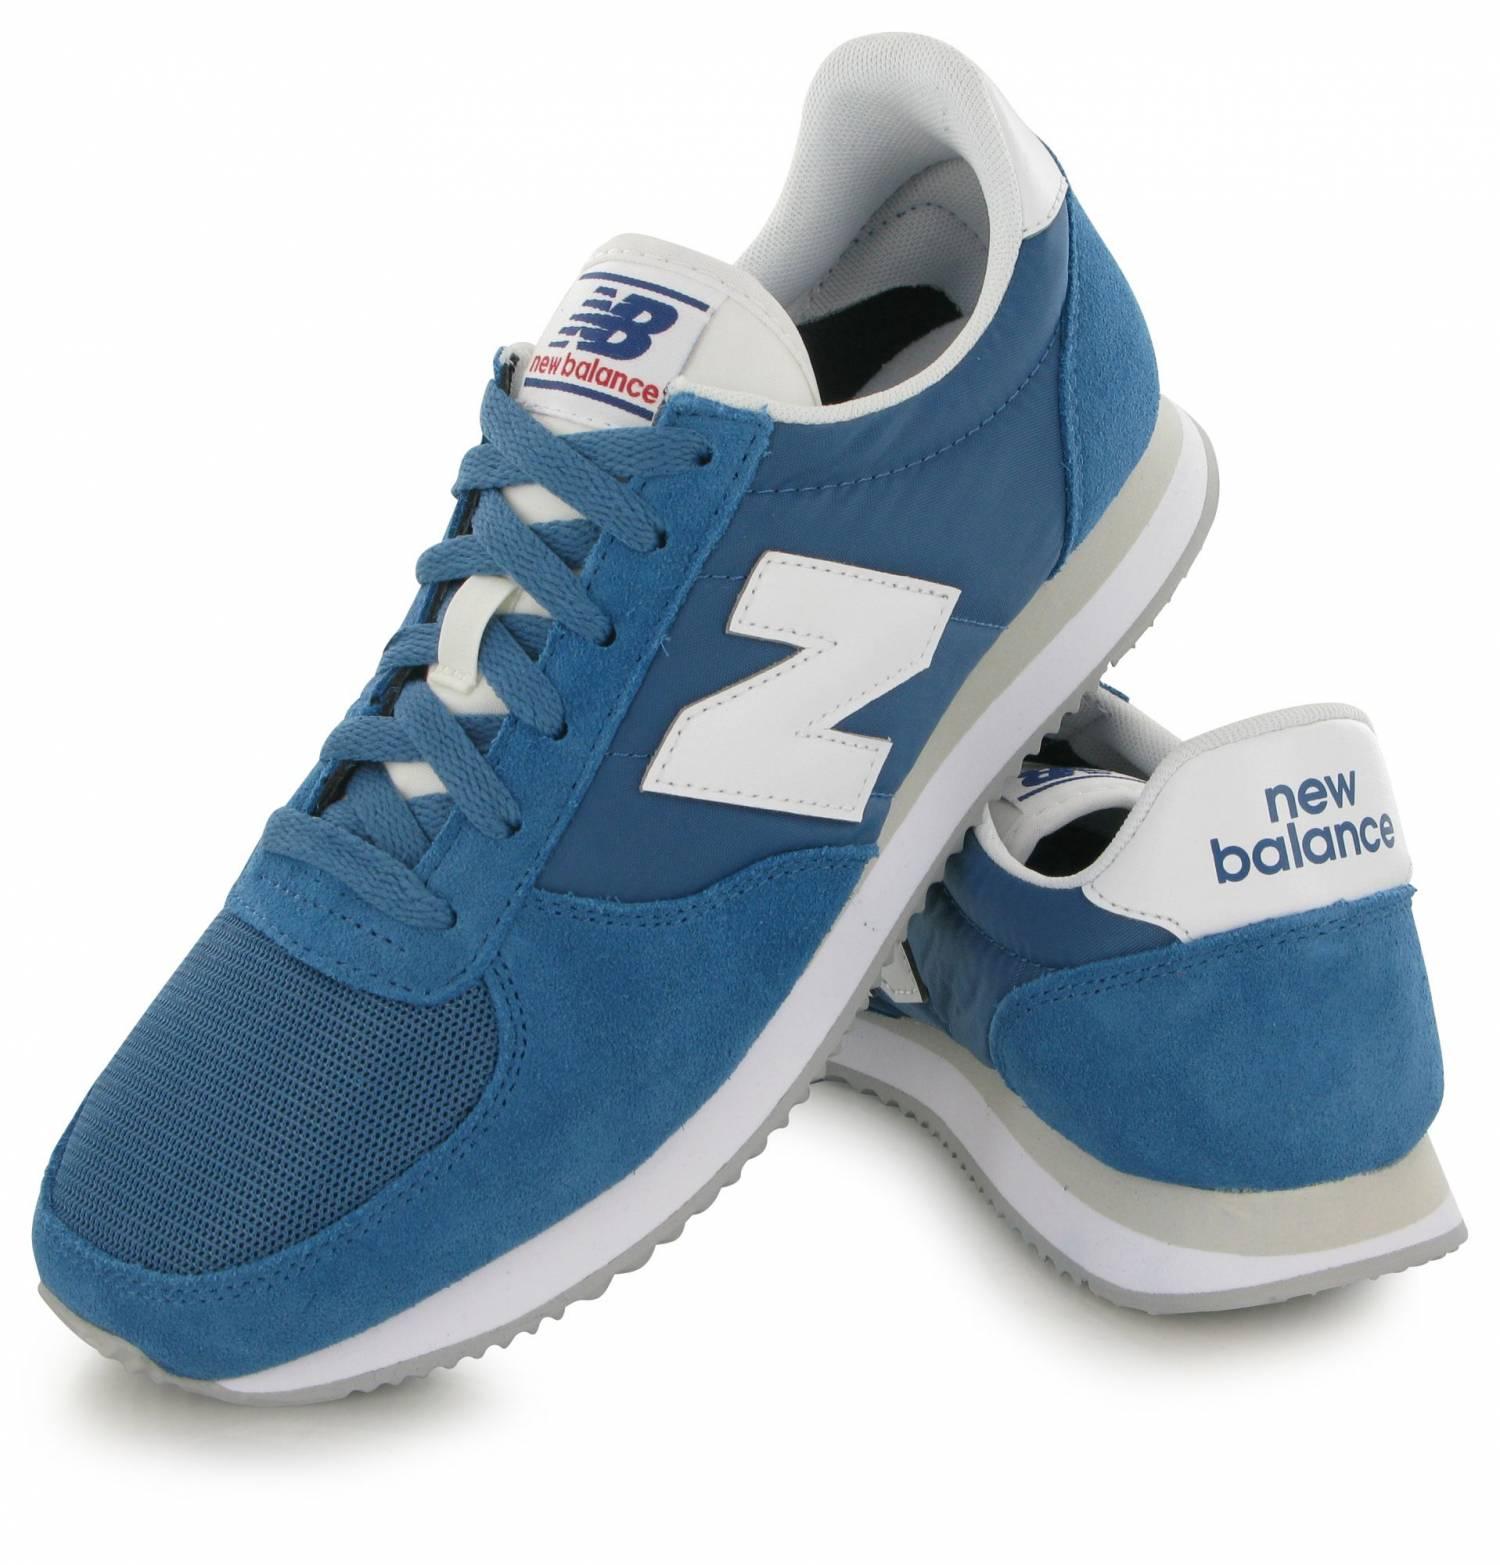 new balance u220 blau